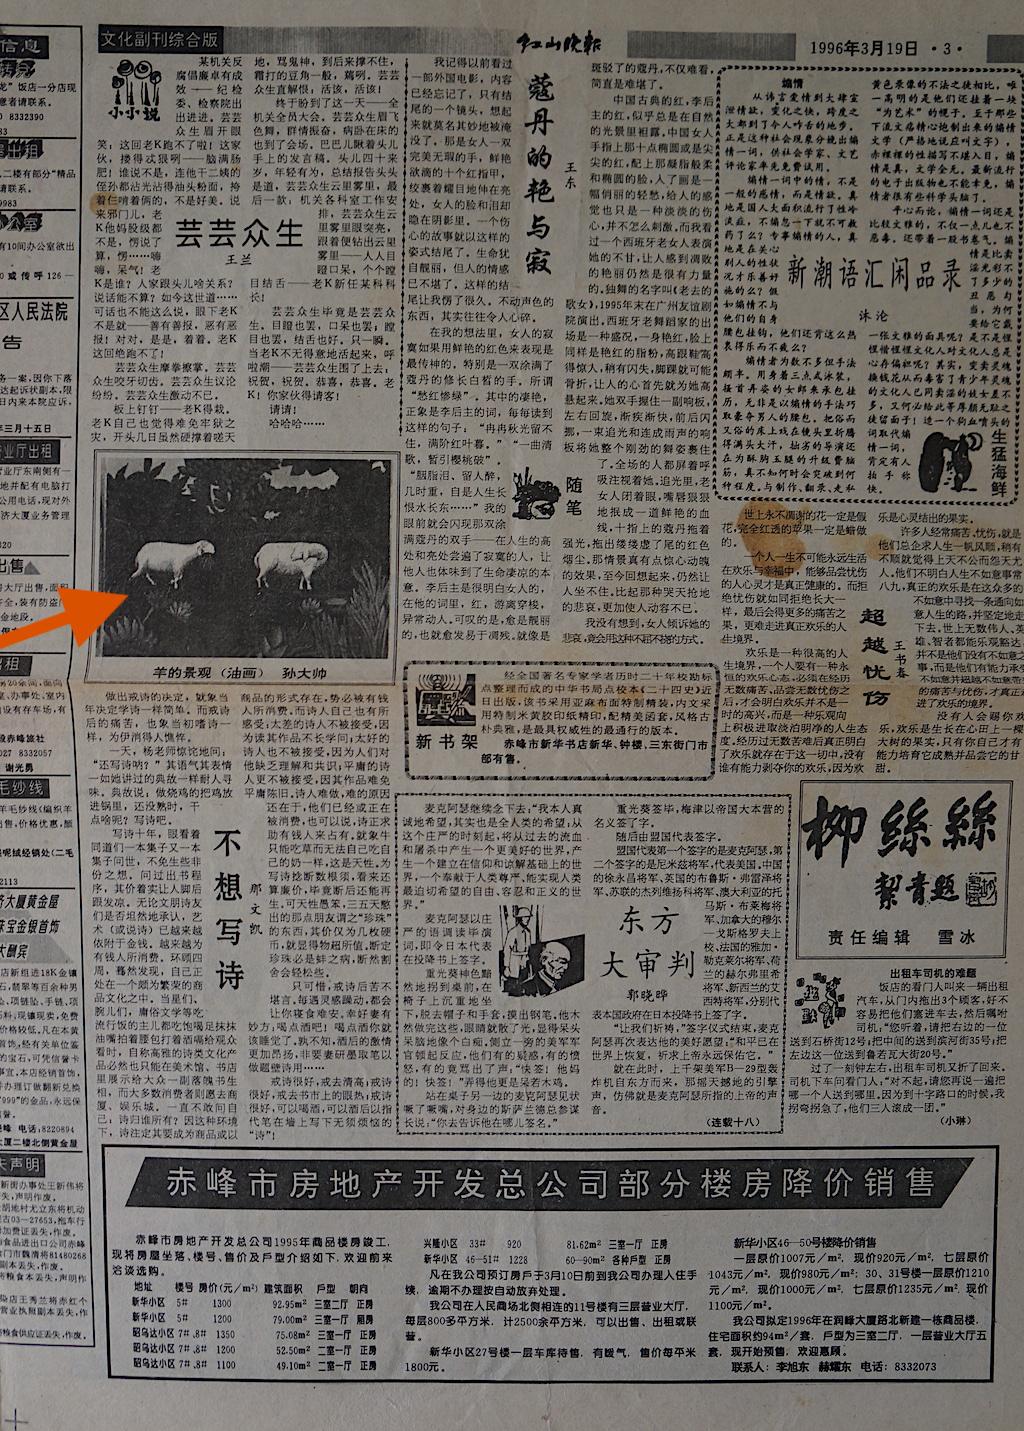 红山晚报19960319